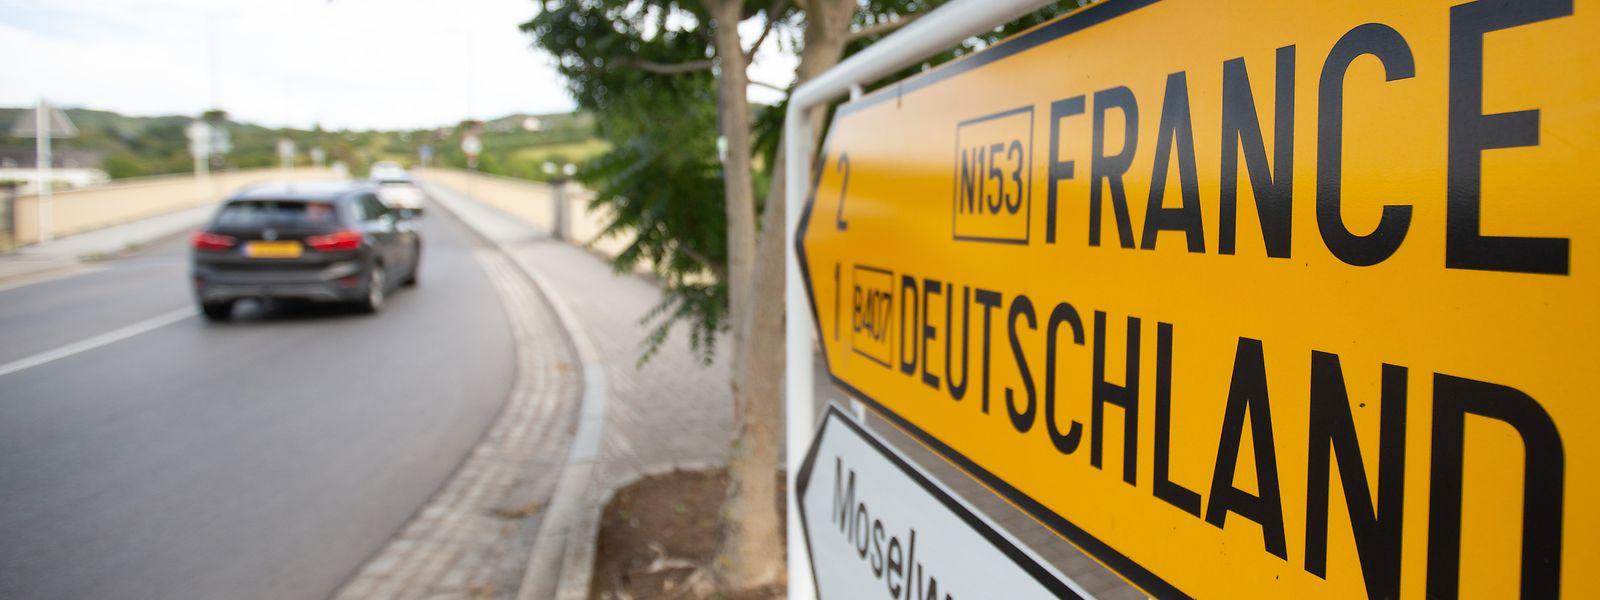 La mesure pourrait avoir des répercussions notamment du côté de Perl, Schengen et Sierck-les-Bains.